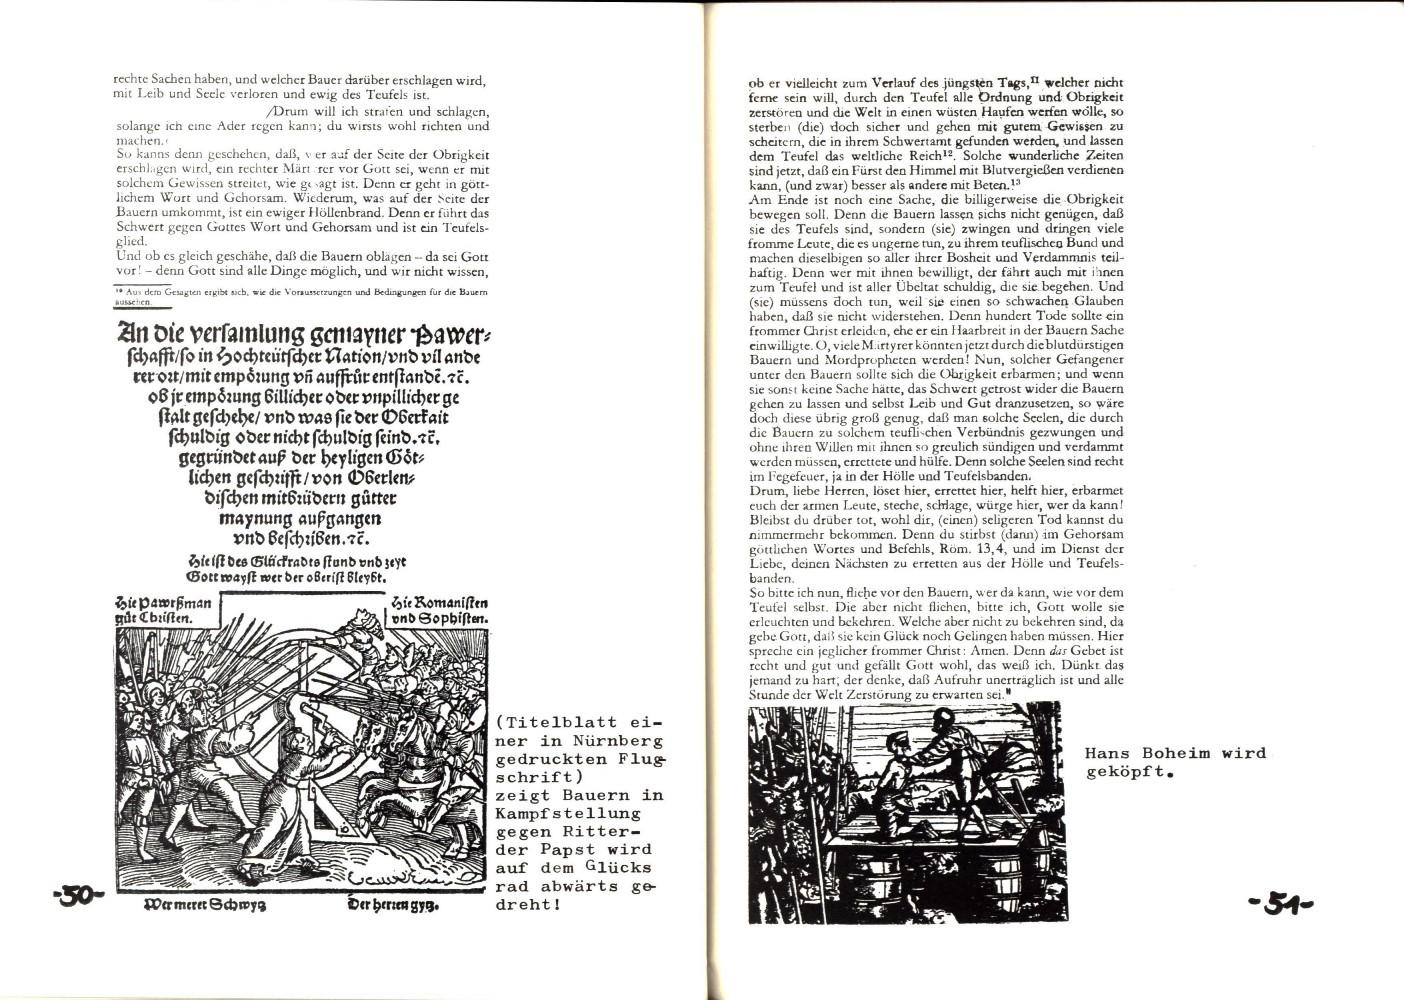 Berlin_KSV_1976_Wochenendseminare_Geschichte_01_26